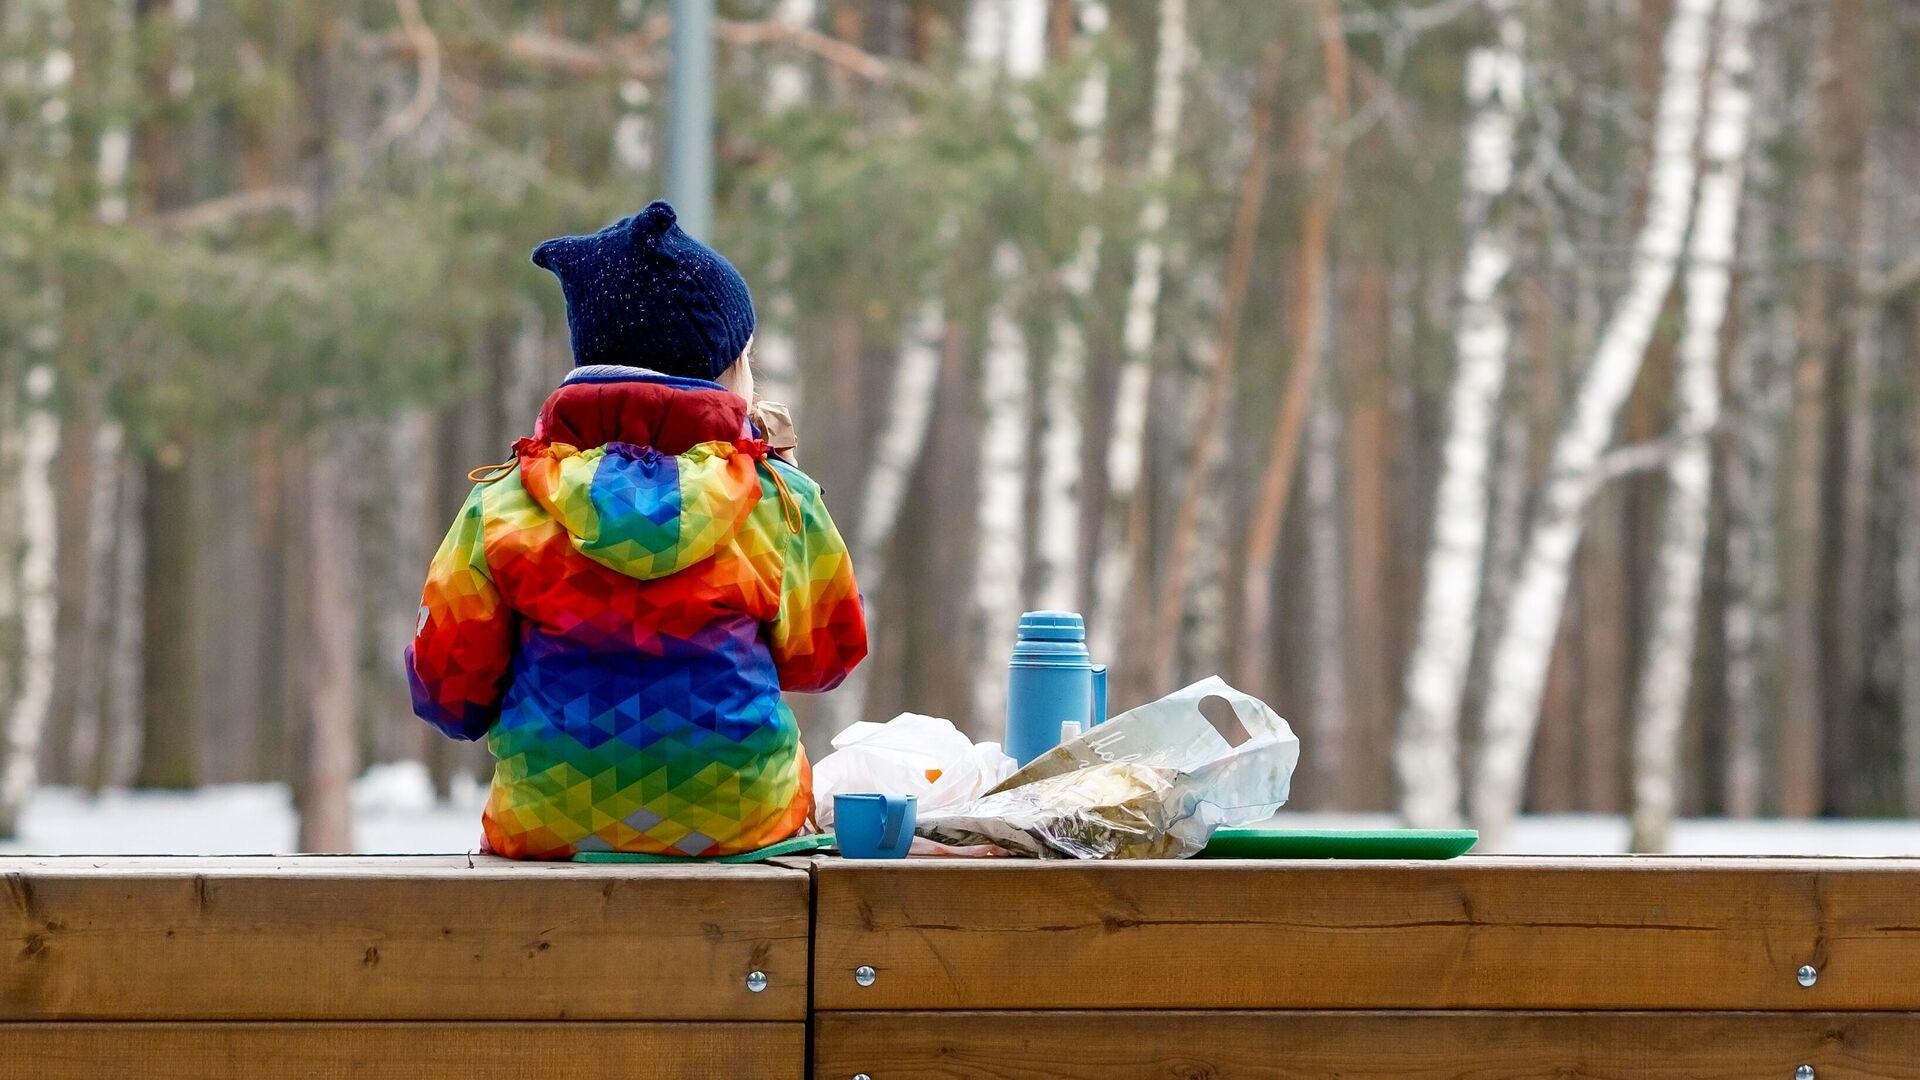 Ребенок отдыхает в одном из парков Санкт-Петербурга - РИА Новости, 1920, 31.03.2021